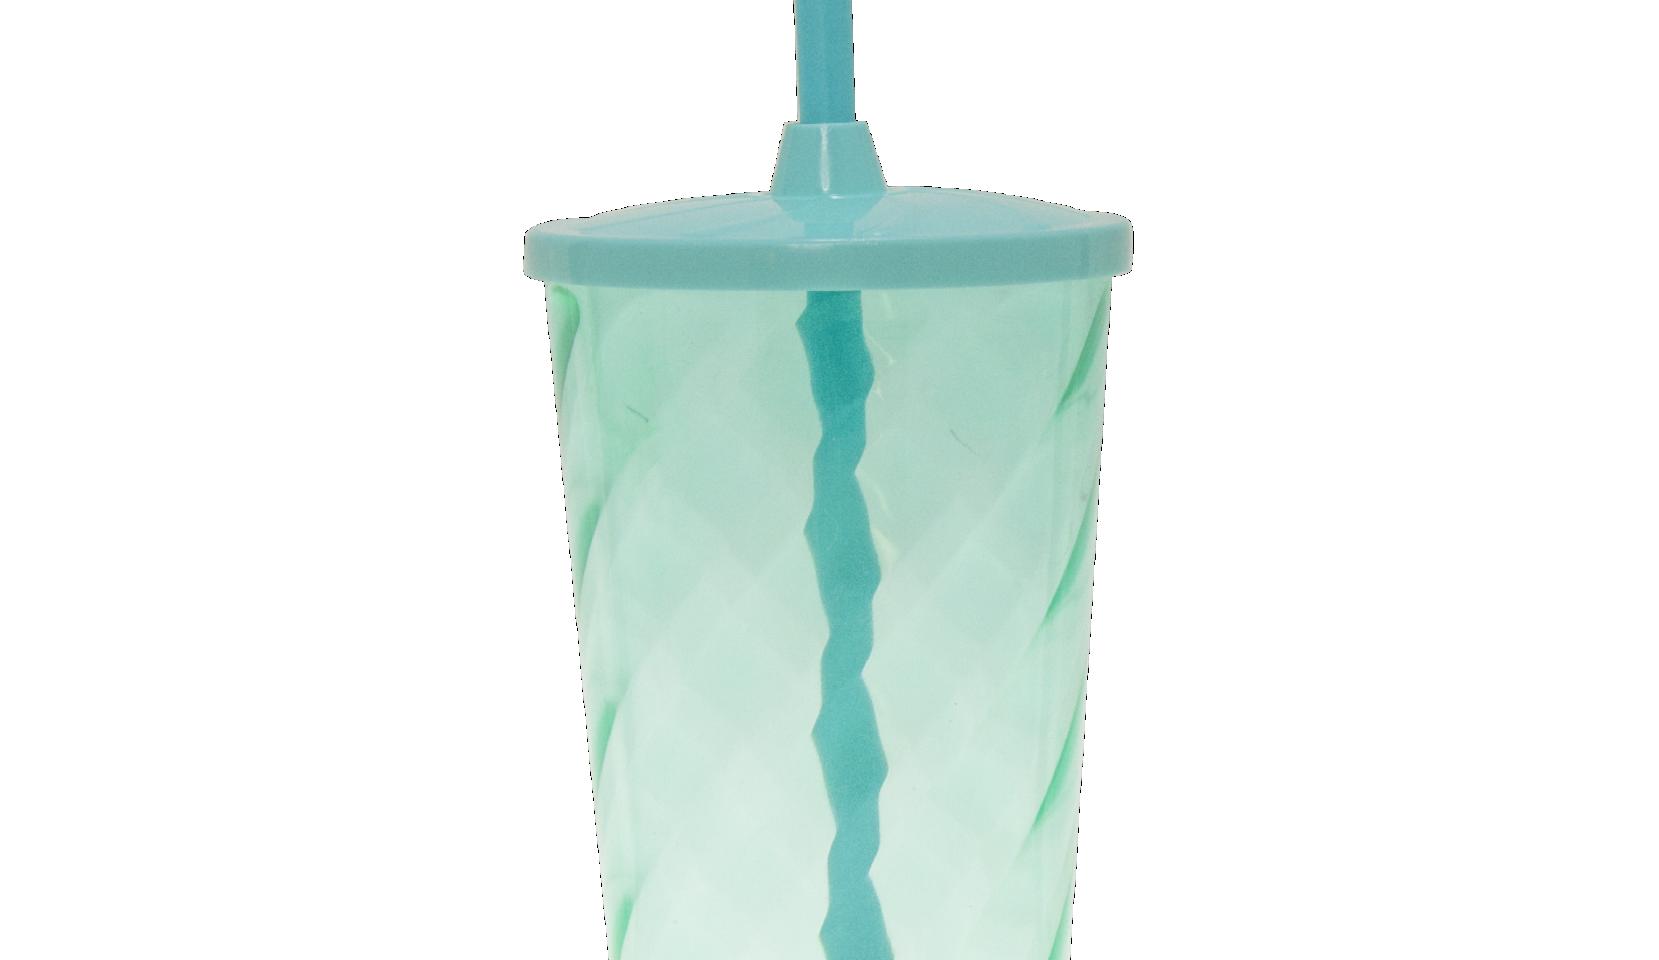 Azul Tiffany Cristal.png